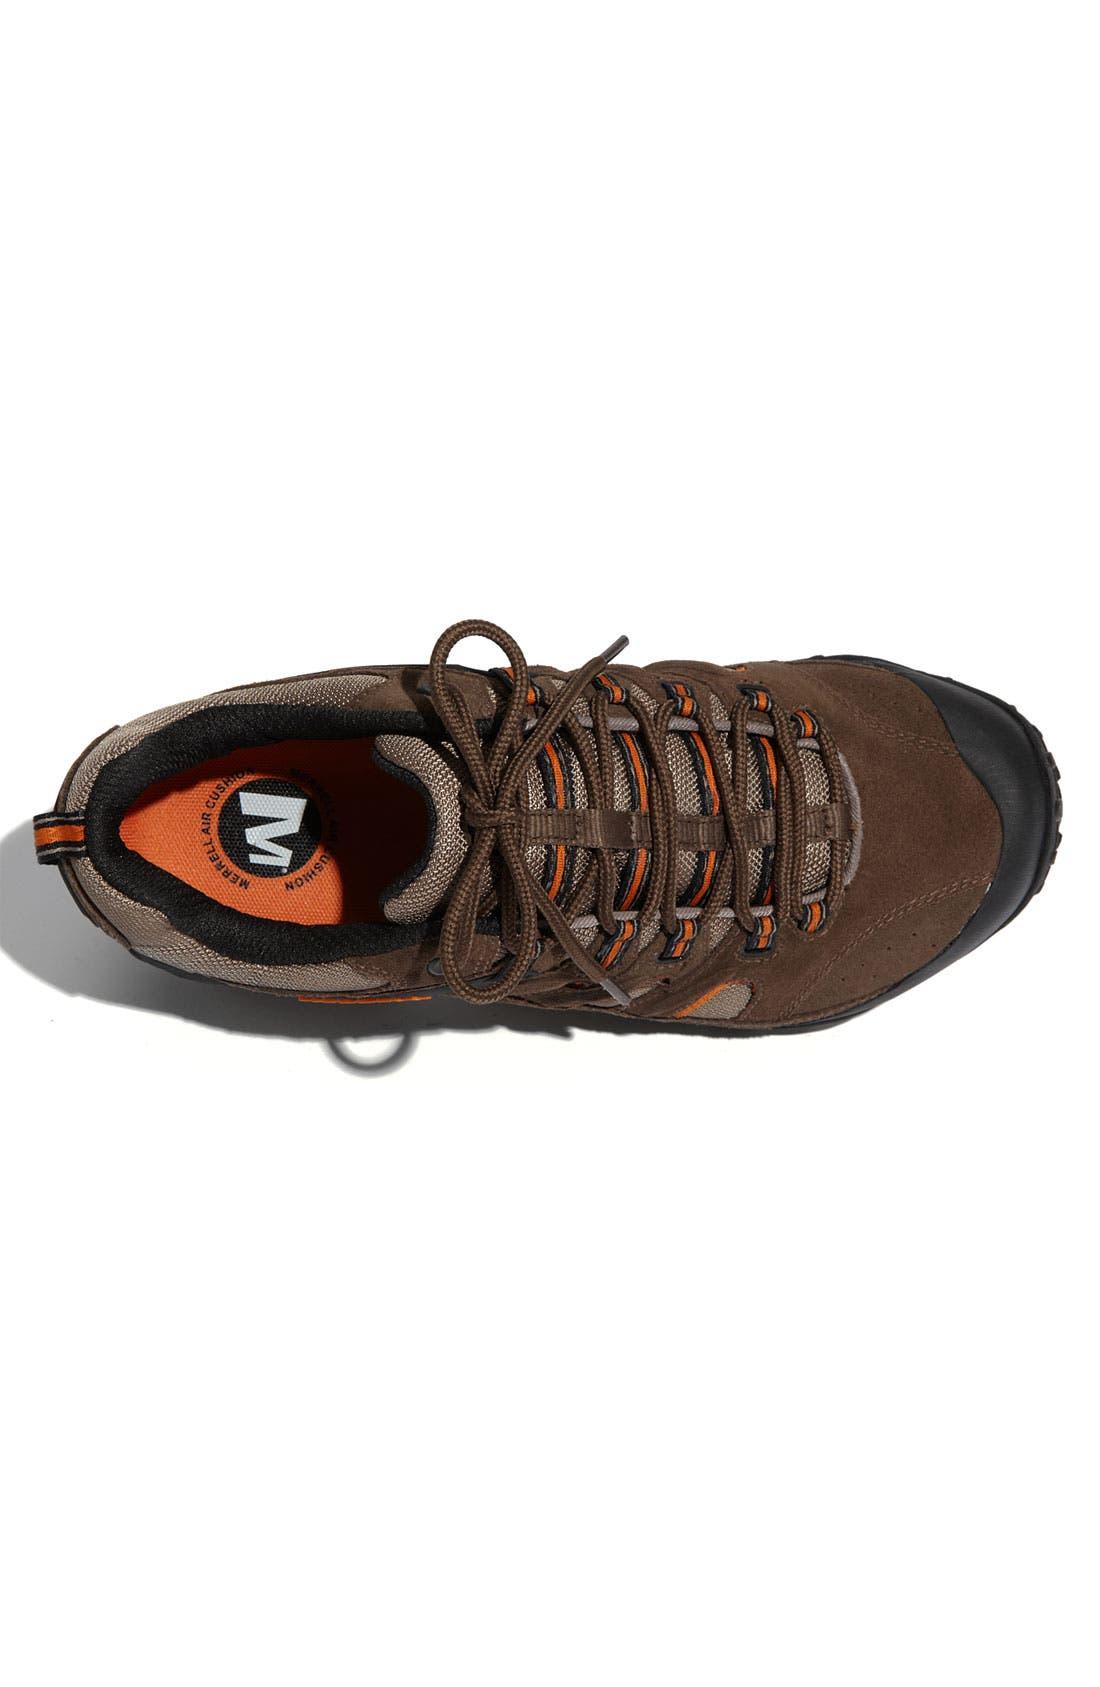 Alternate Image 3  - Merrell 'Chameleon 4 Ventilator GTX' Hiking Shoe (Men)